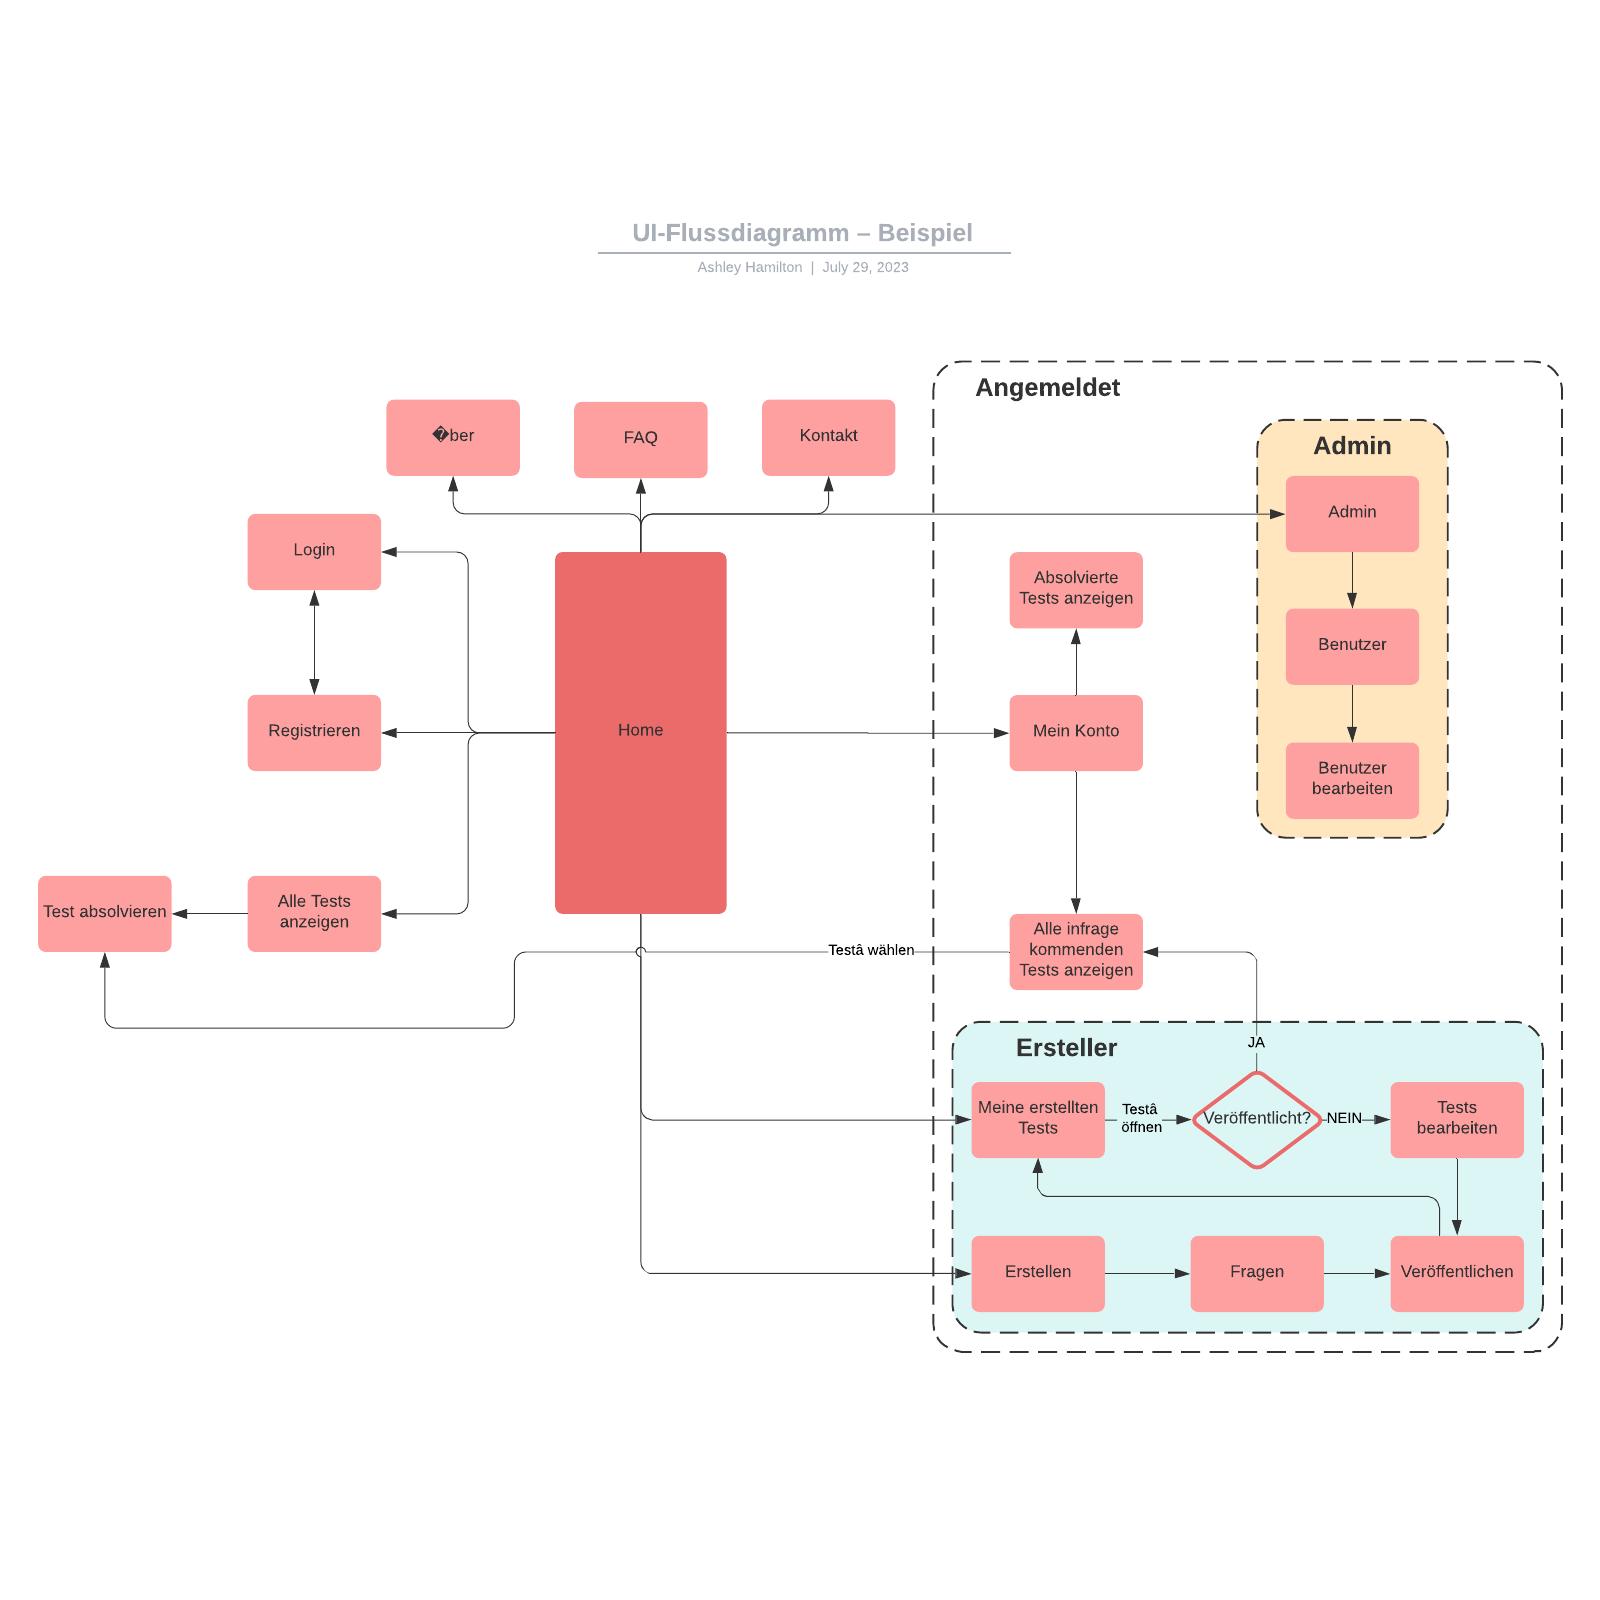 UI-Flussdiagramm– Beispiel